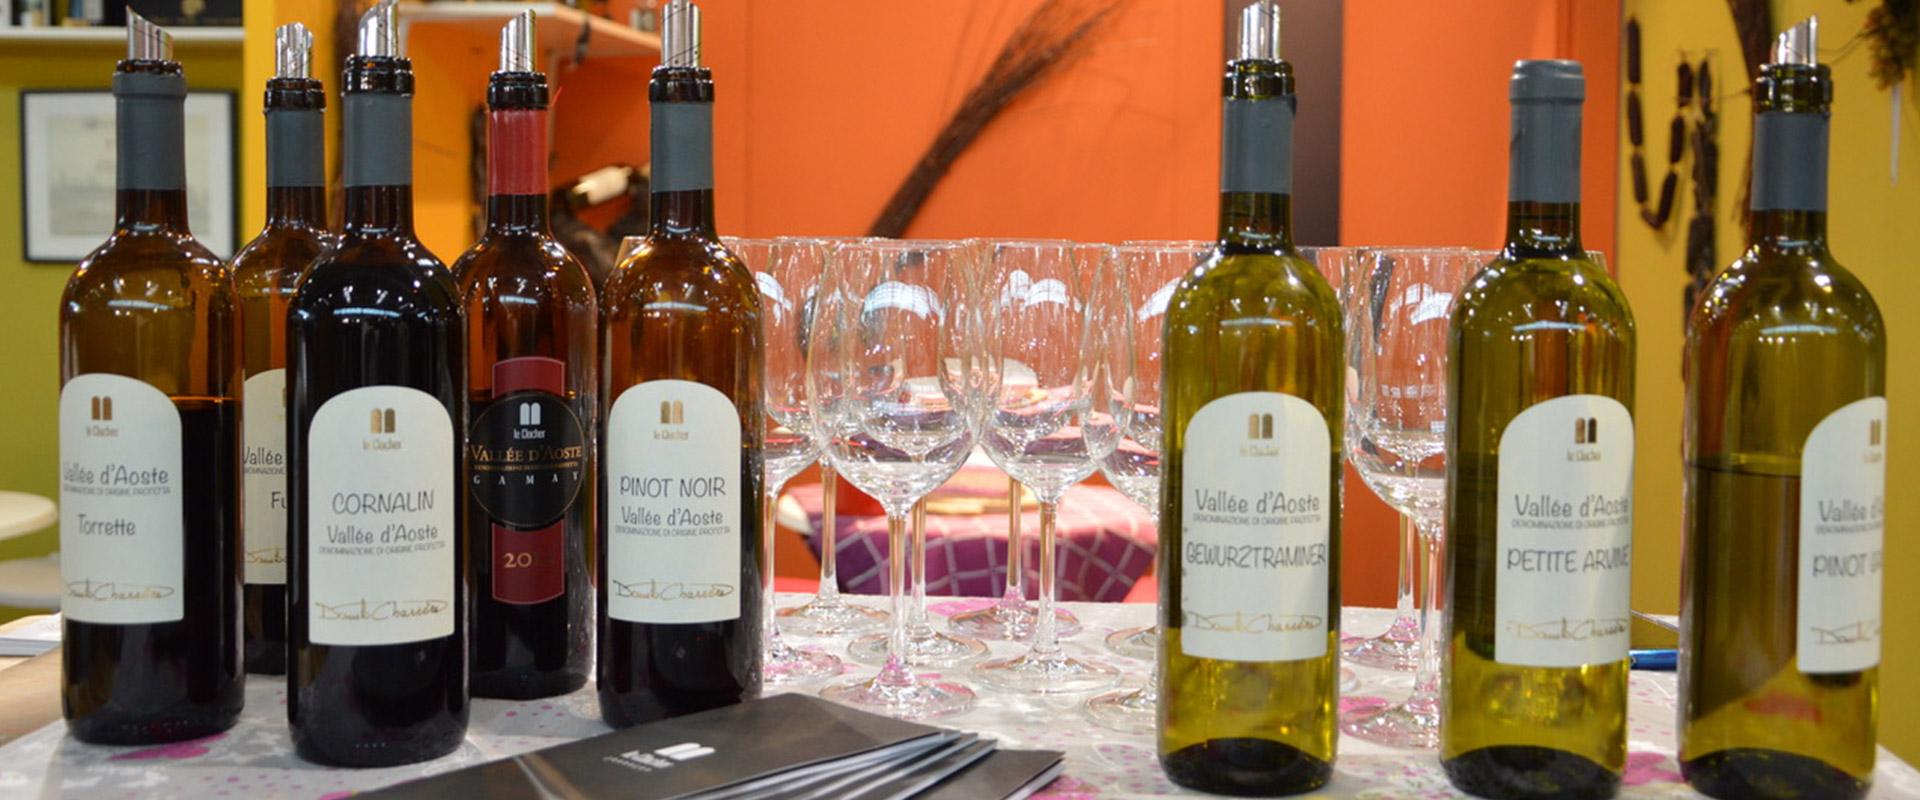 Le Clocher: i vini autoctoni della Val d'Aosta